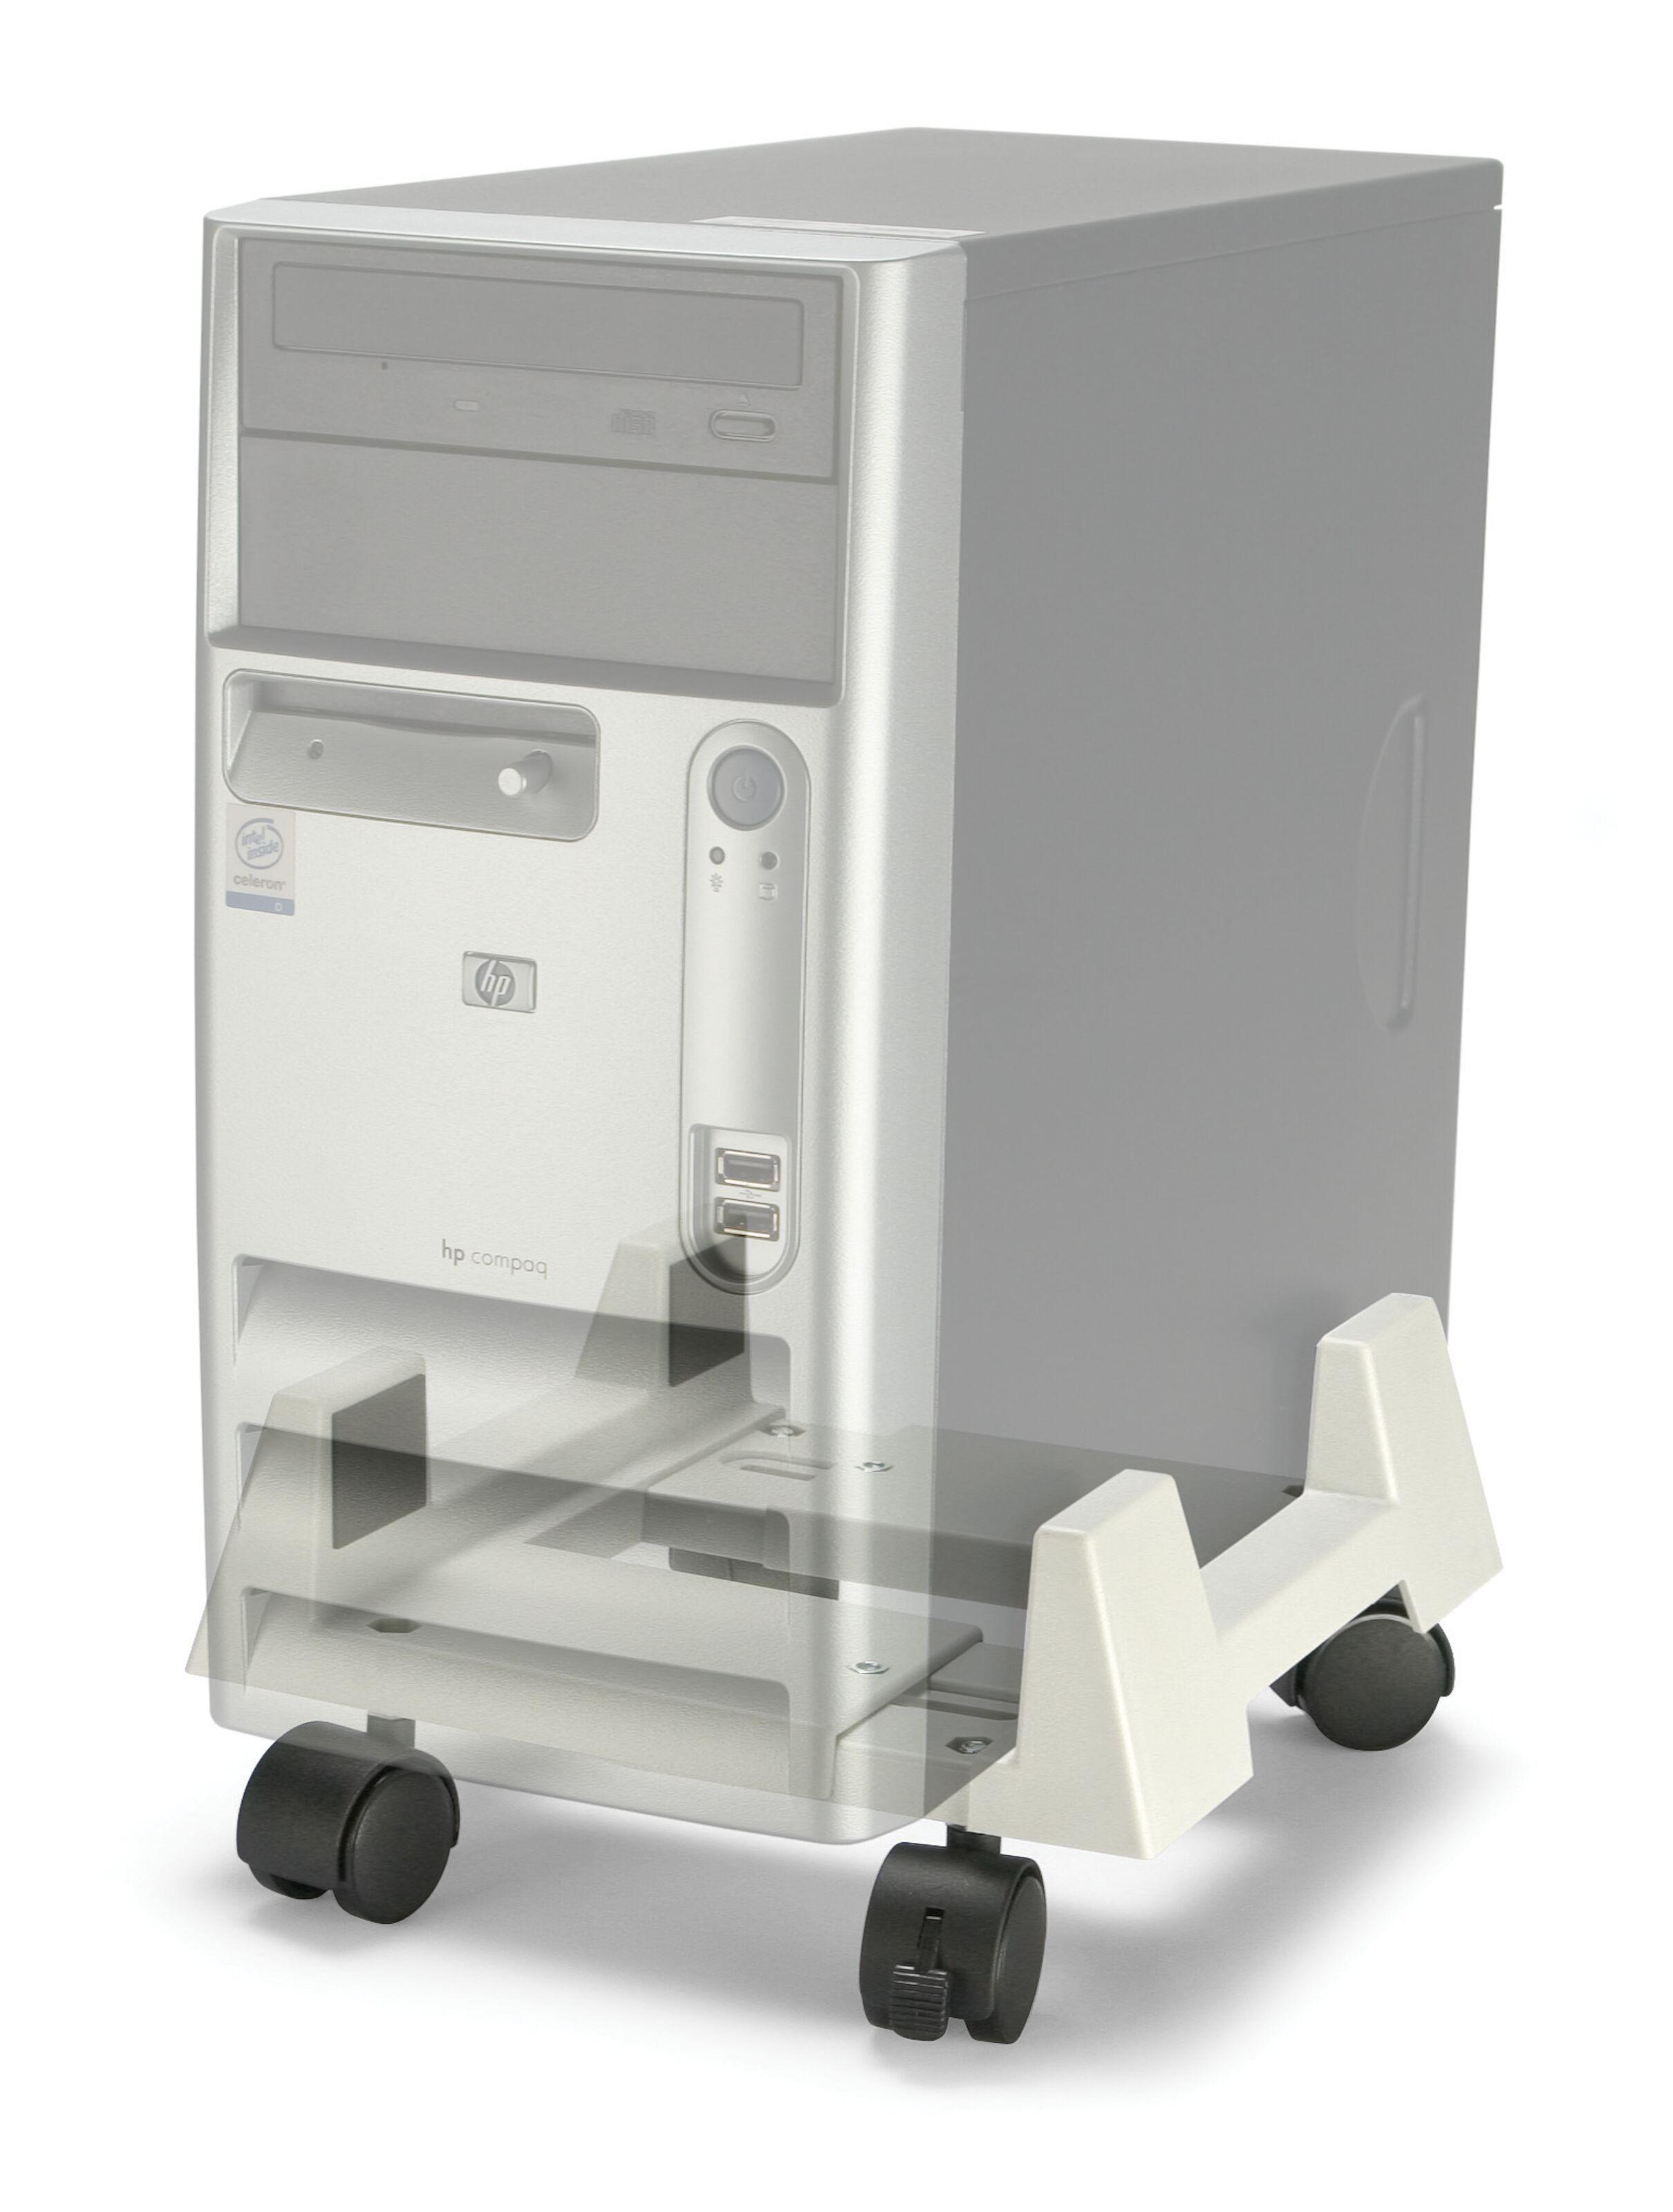 Datorhållare med spännband Datorhållare |